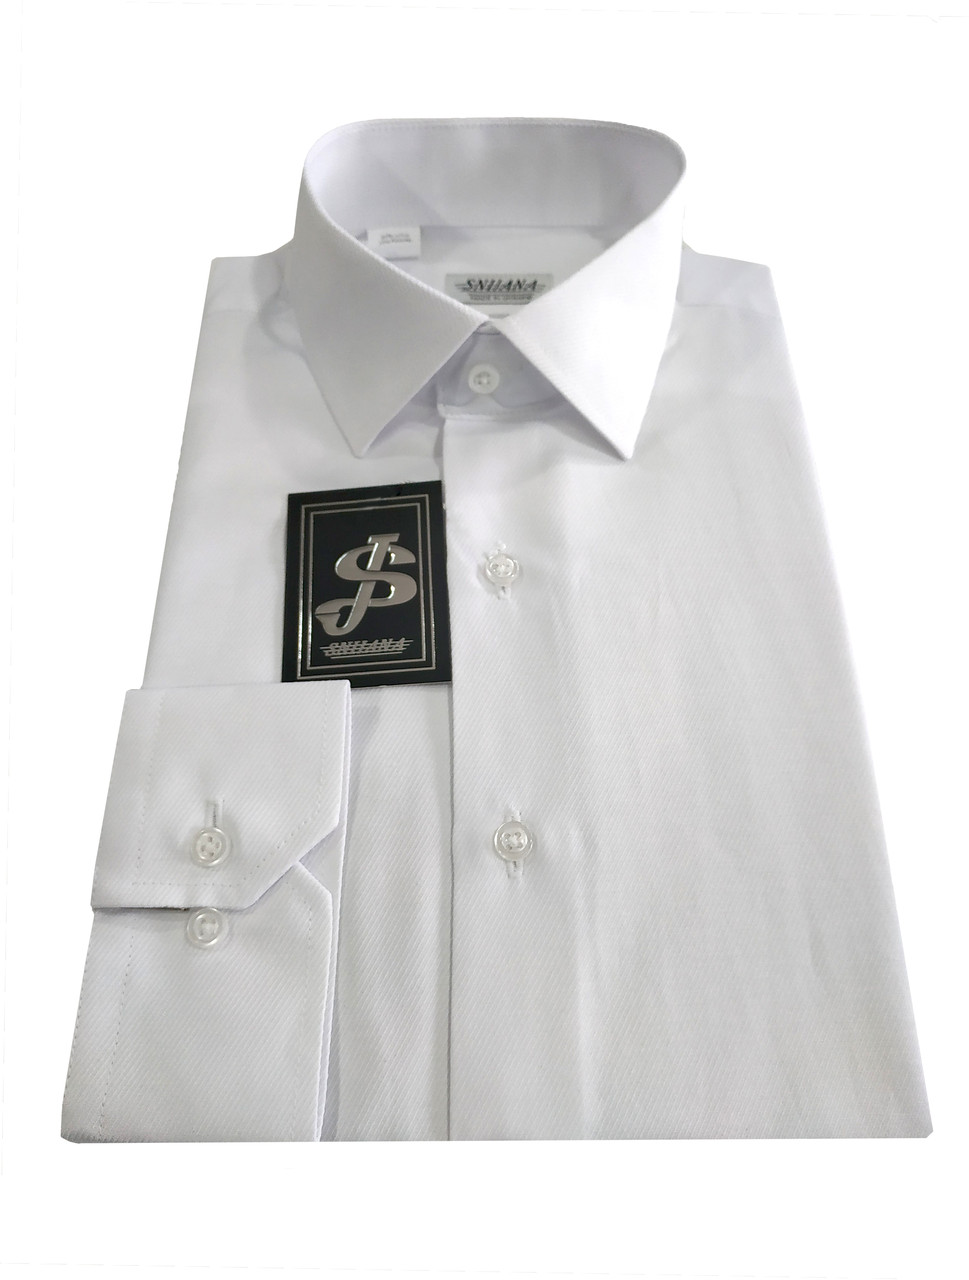 Рубашка мужская классическая №10-32 - диагональ белая